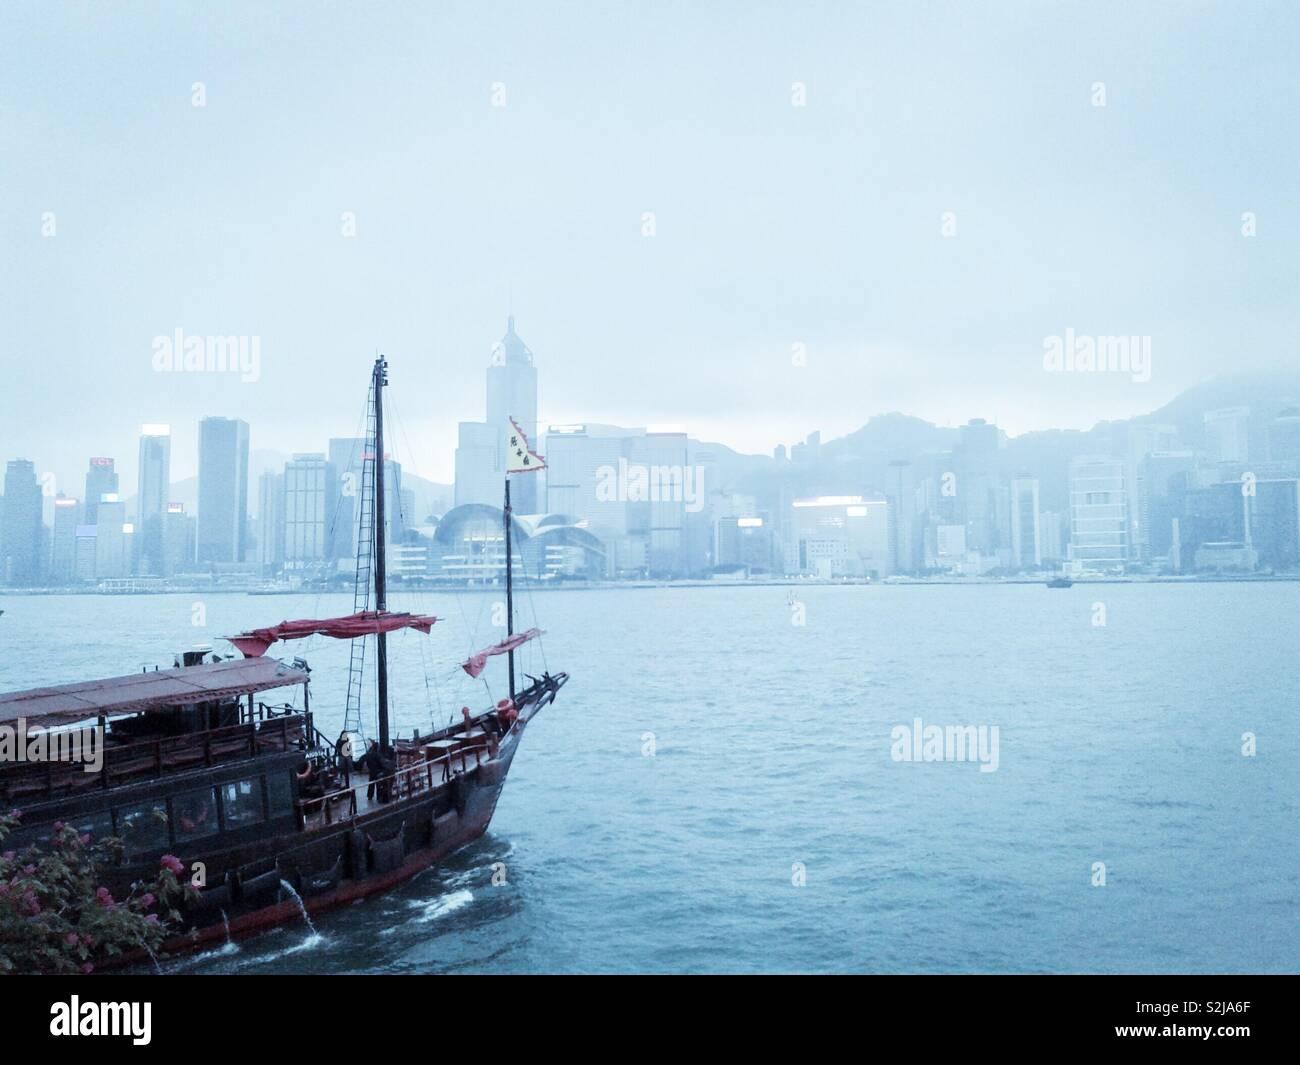 Hongkong View - Stock Image